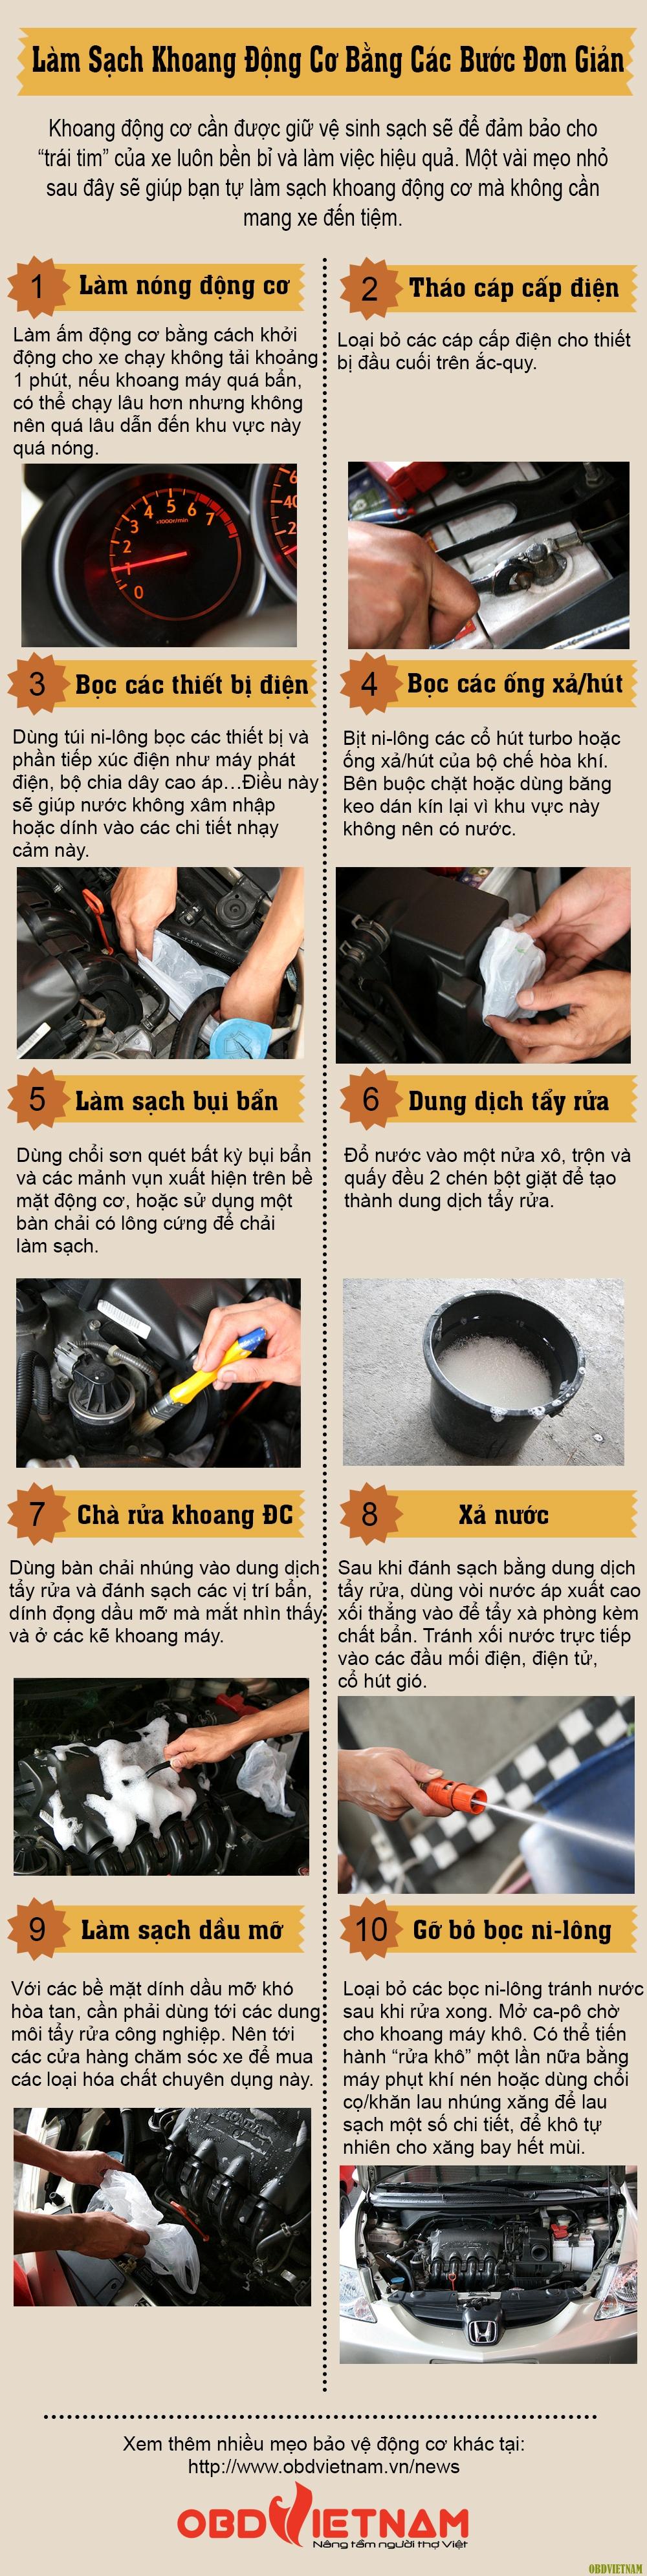 Infographic - Làm Sạch Khoang Động Cơ Bằng Các Bước Đơn Giản